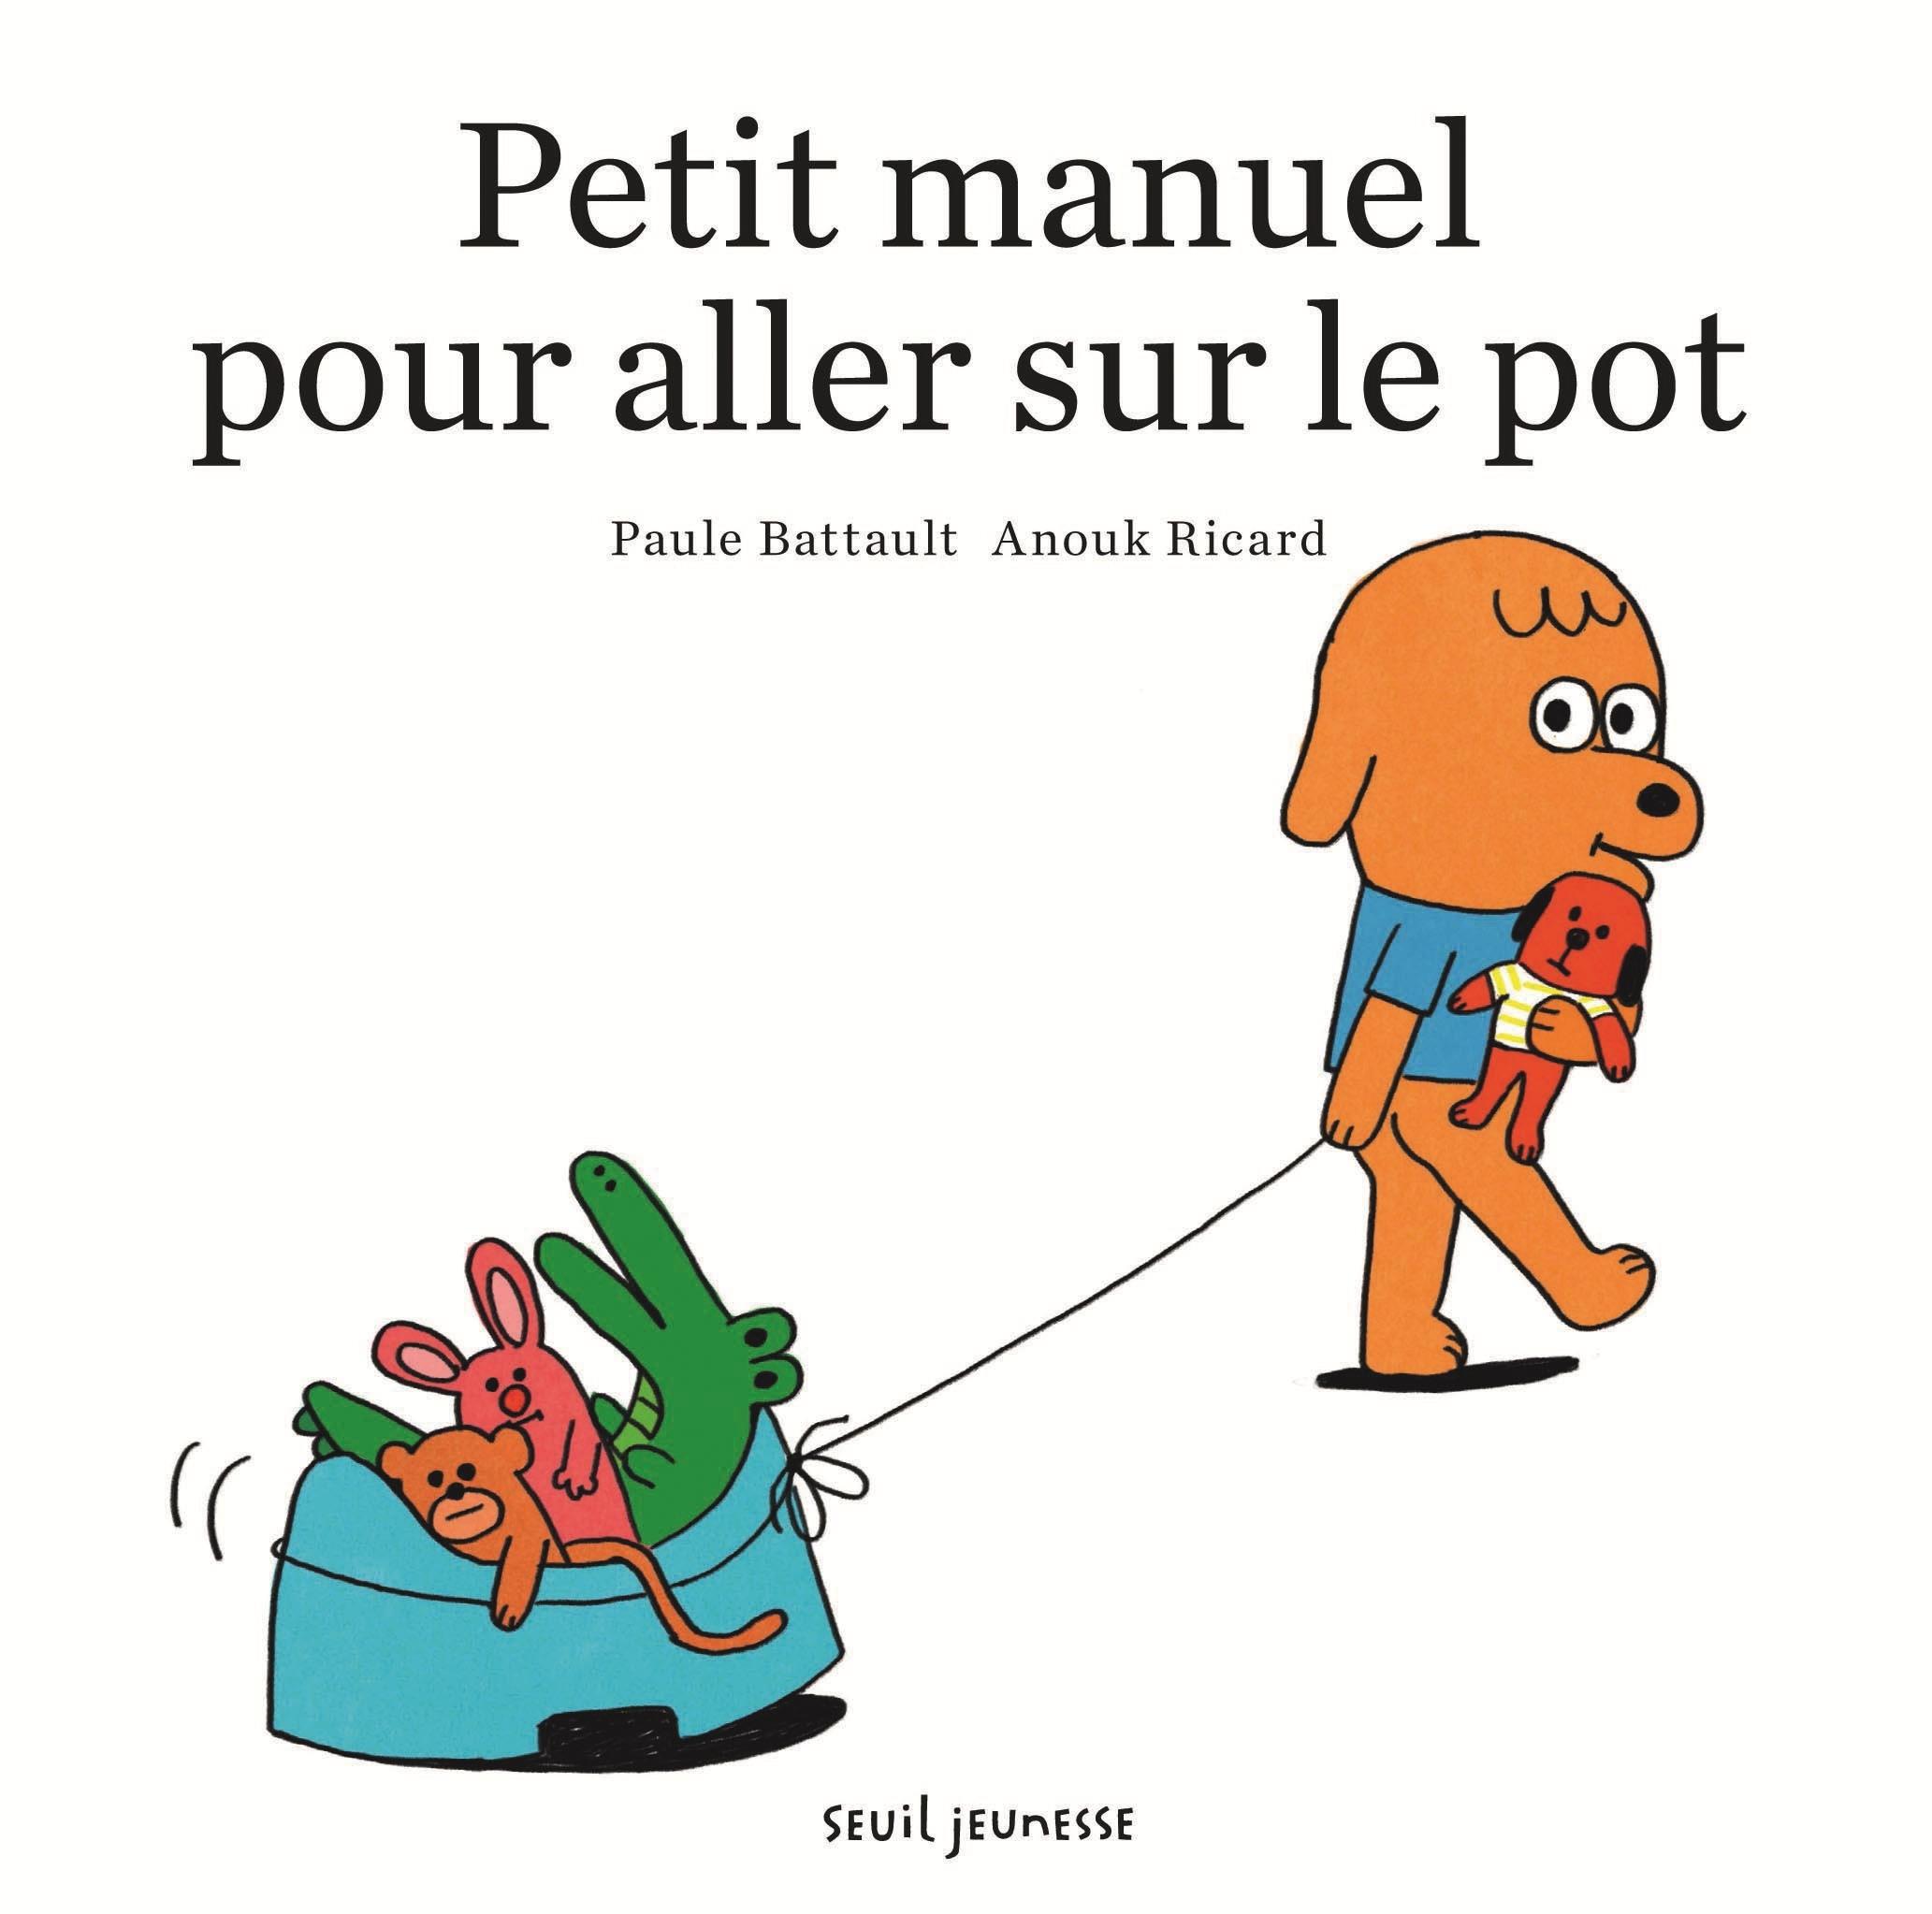 PETIT MANUEL POUR ALLER SUR LE POT